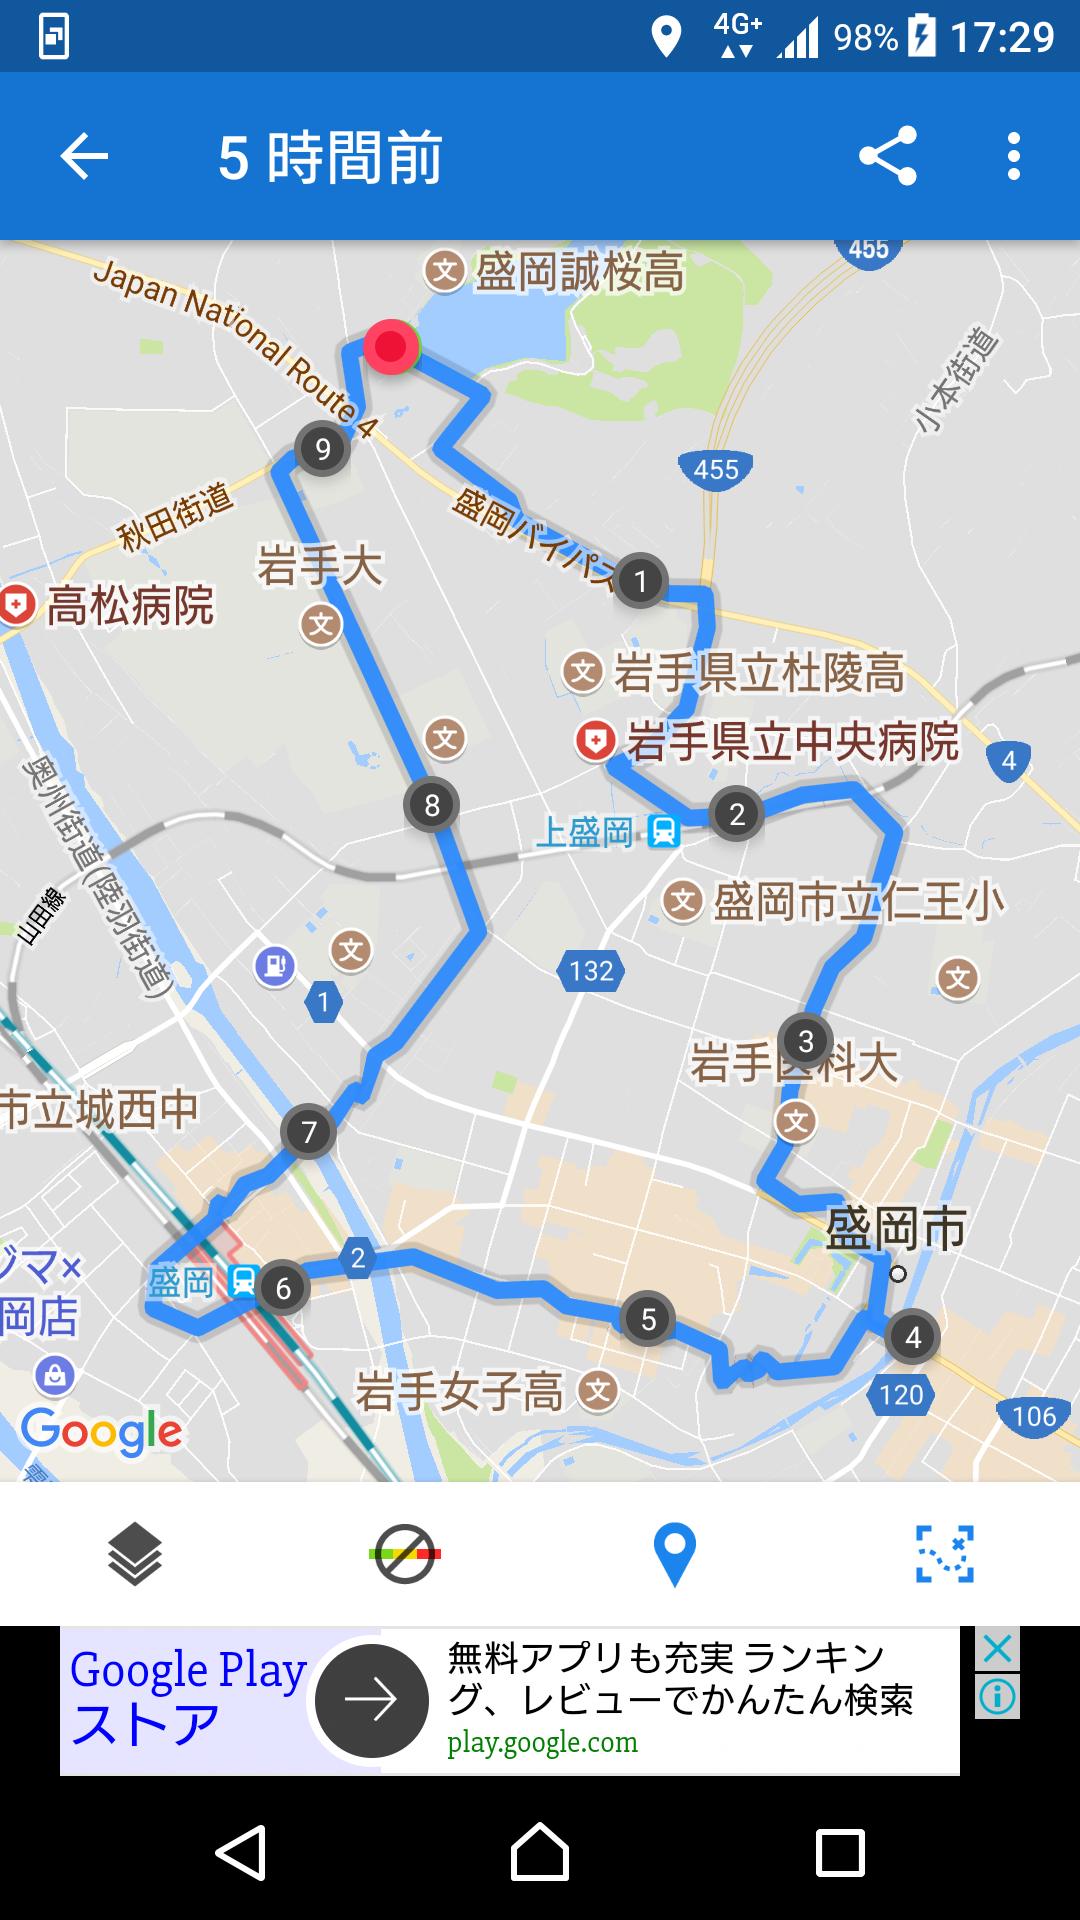 f:id:ynakayama27:20170706174137p:plain